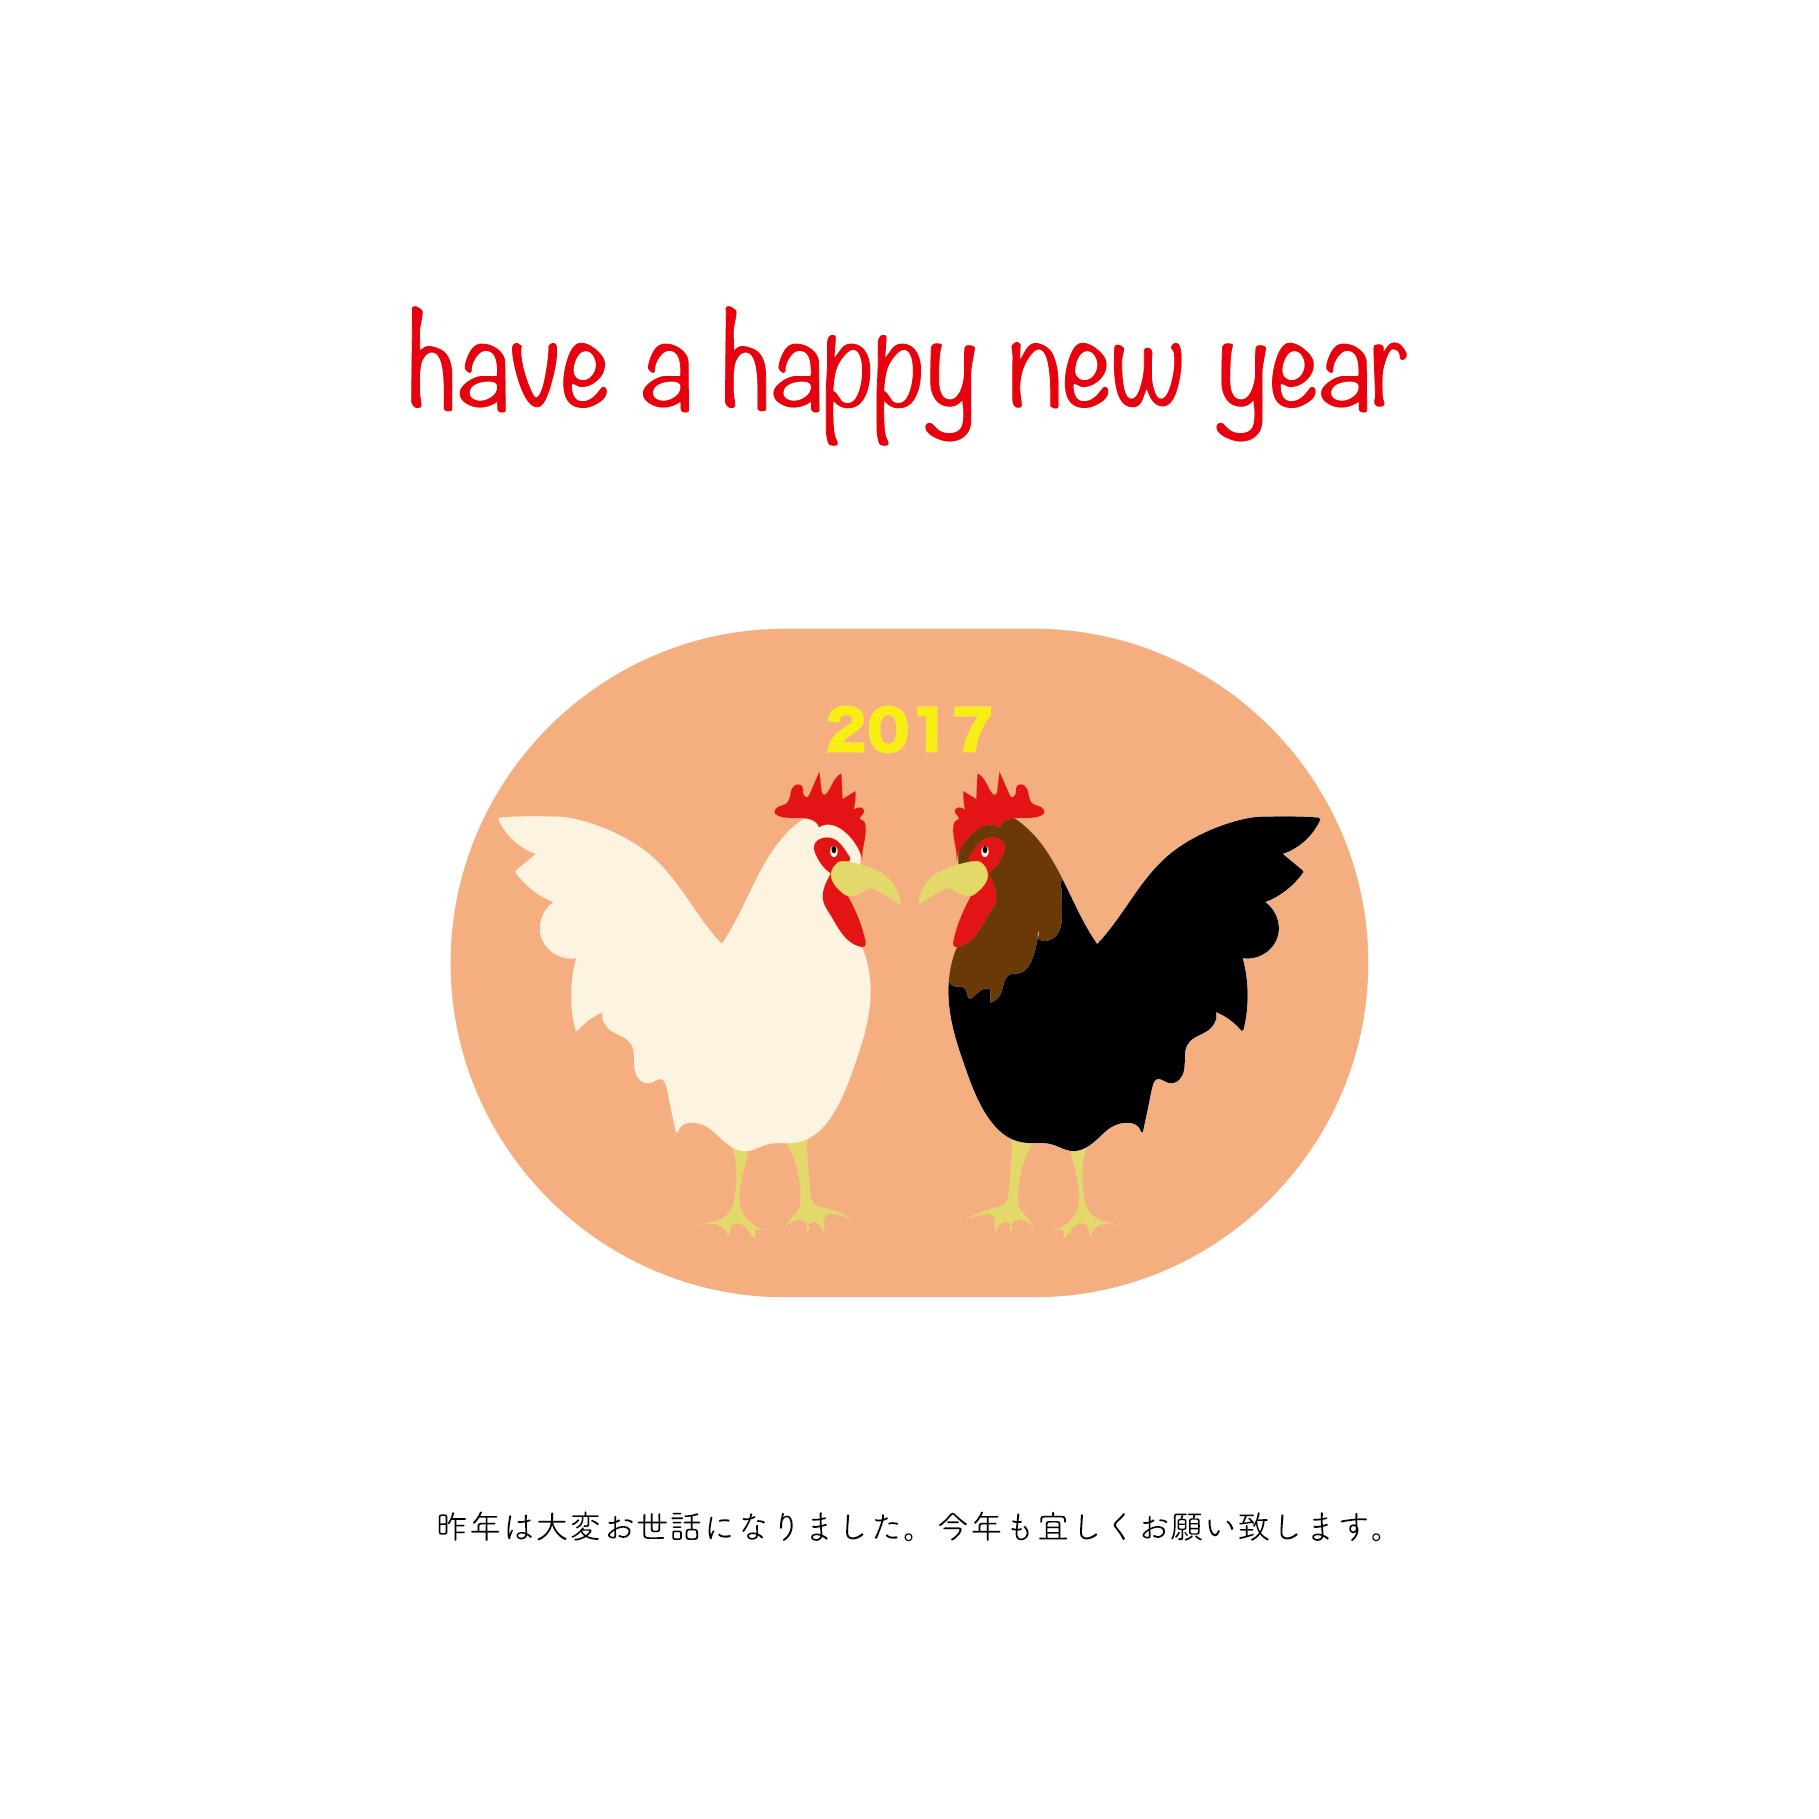 酉年白と茶色の鶏にわとりニワトリの年賀状イラスト